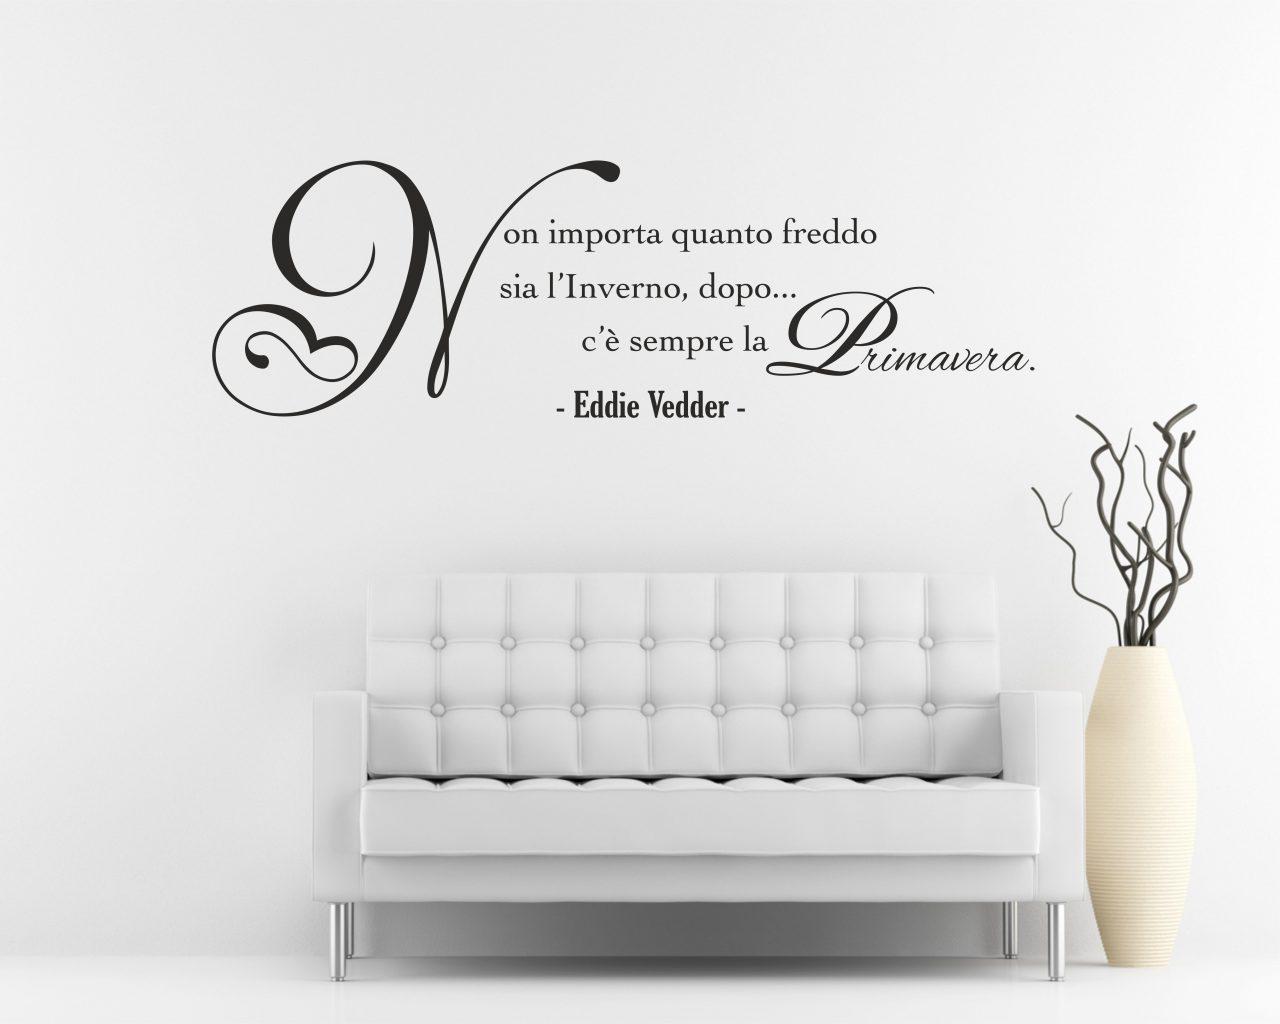 Frasi aforismi citazioni interni decori adesivi murali wall stickers e quadri moderni - Adesivi murali per camera da letto ...